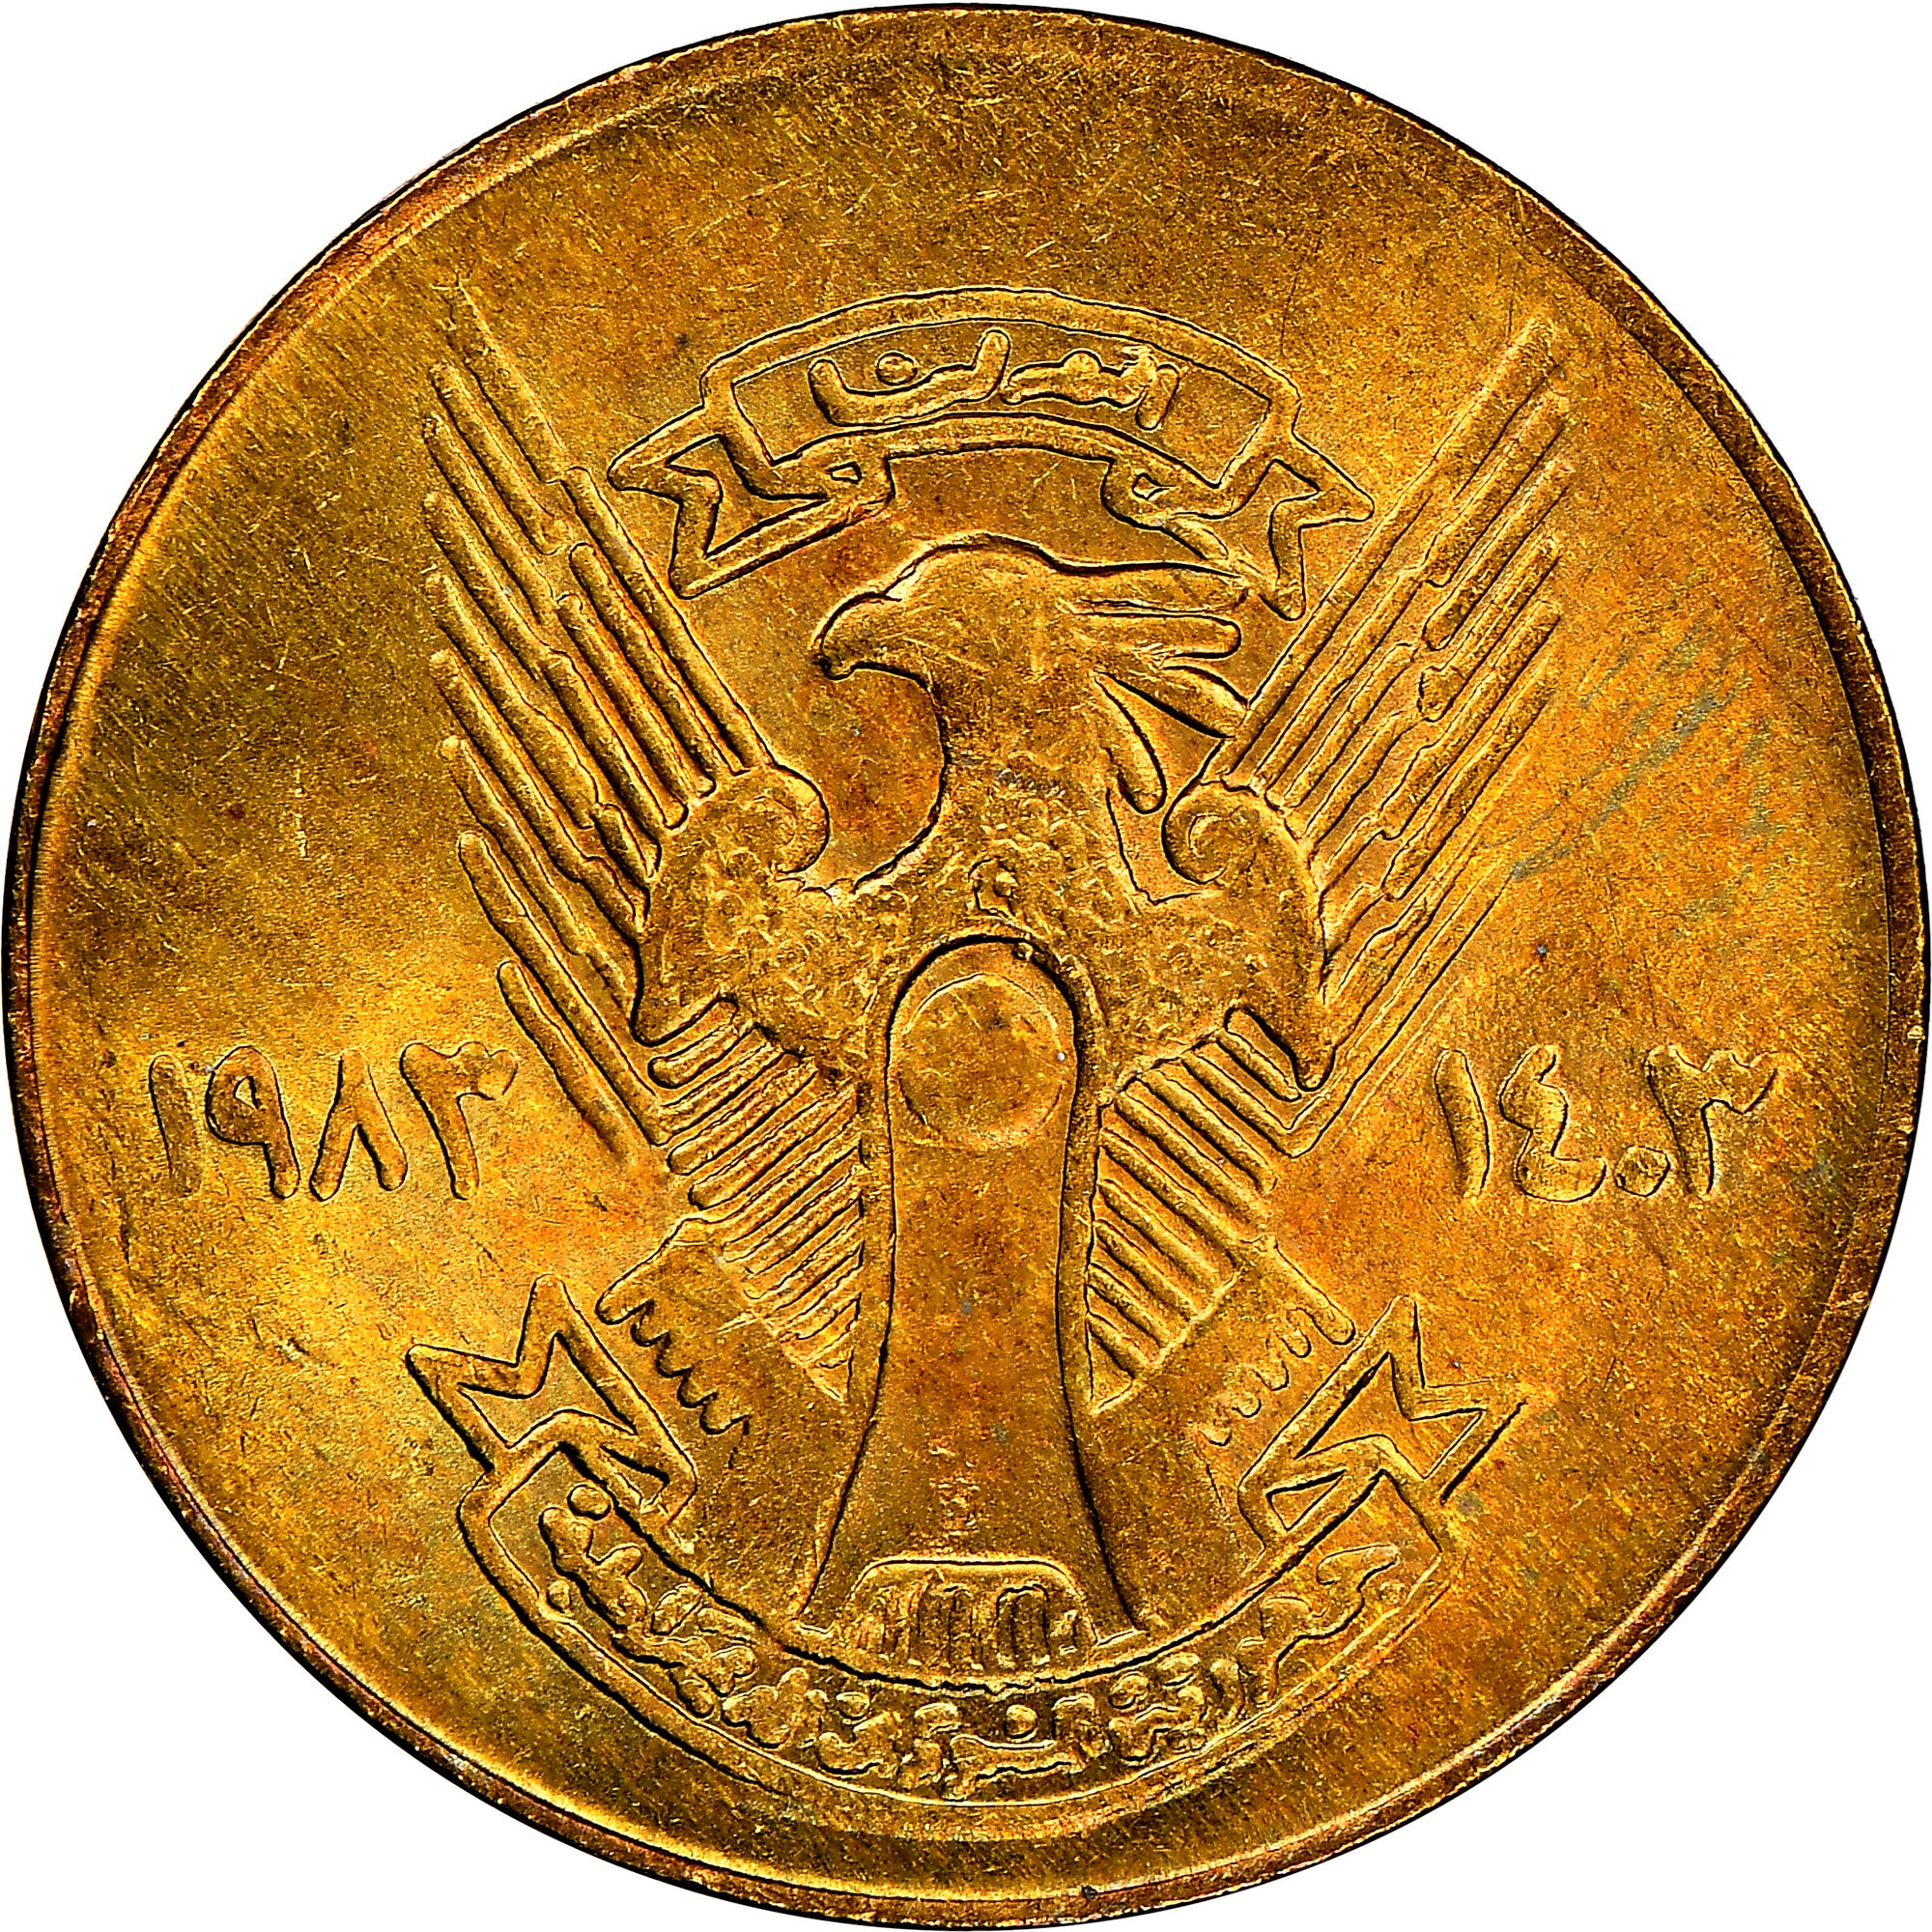 Sudan 5 Ghirsh reverse